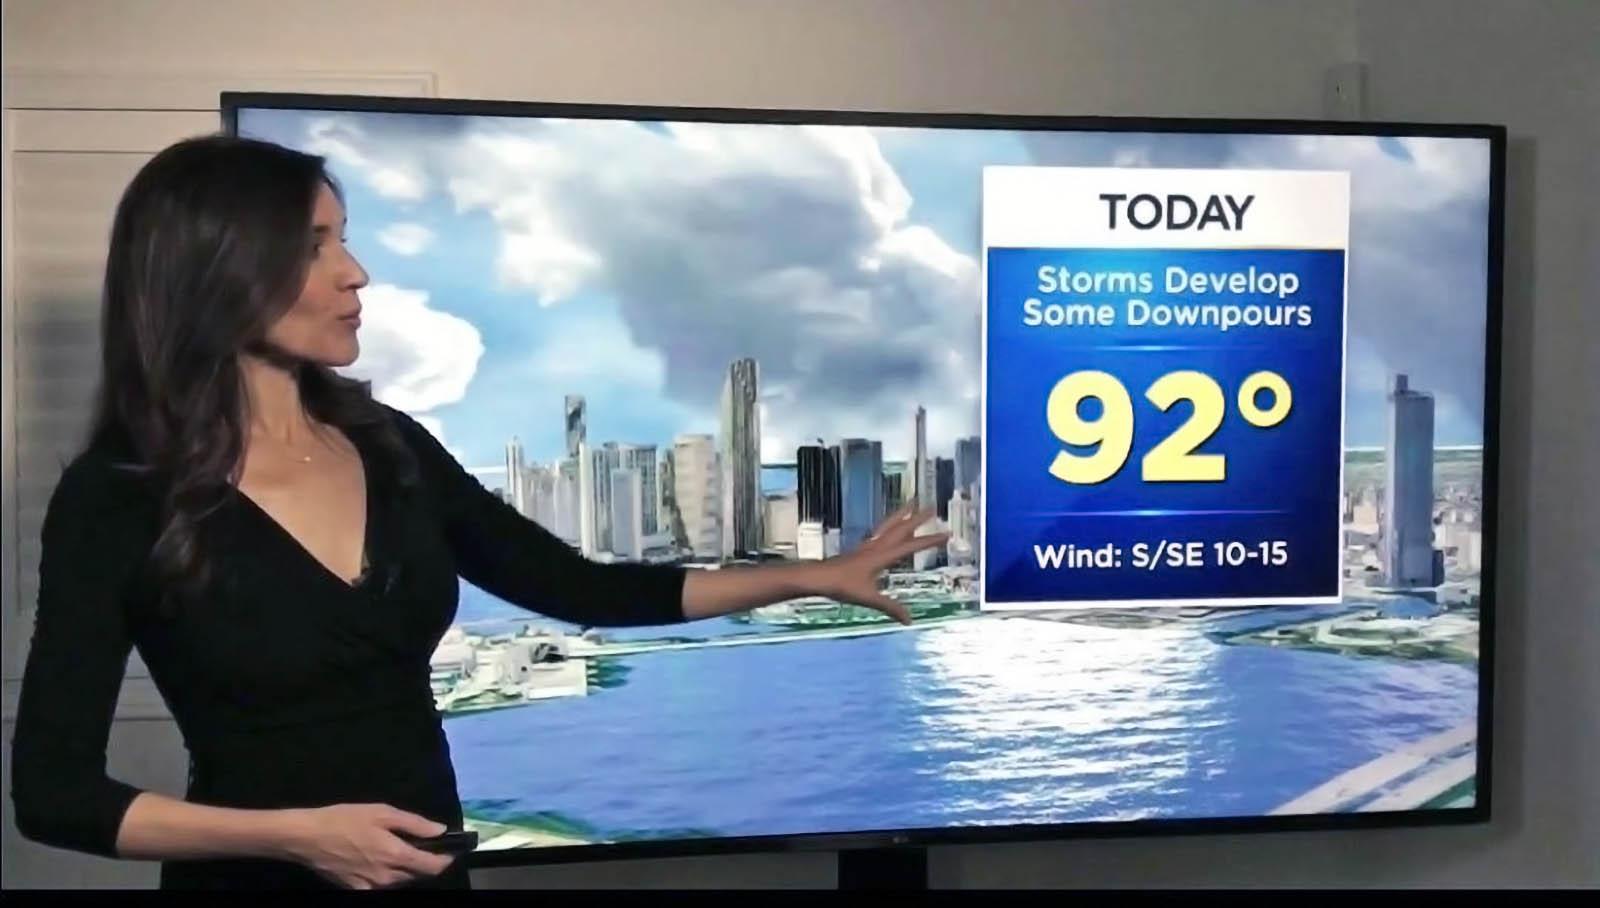 Lissette Gonzalez briefing weather updates